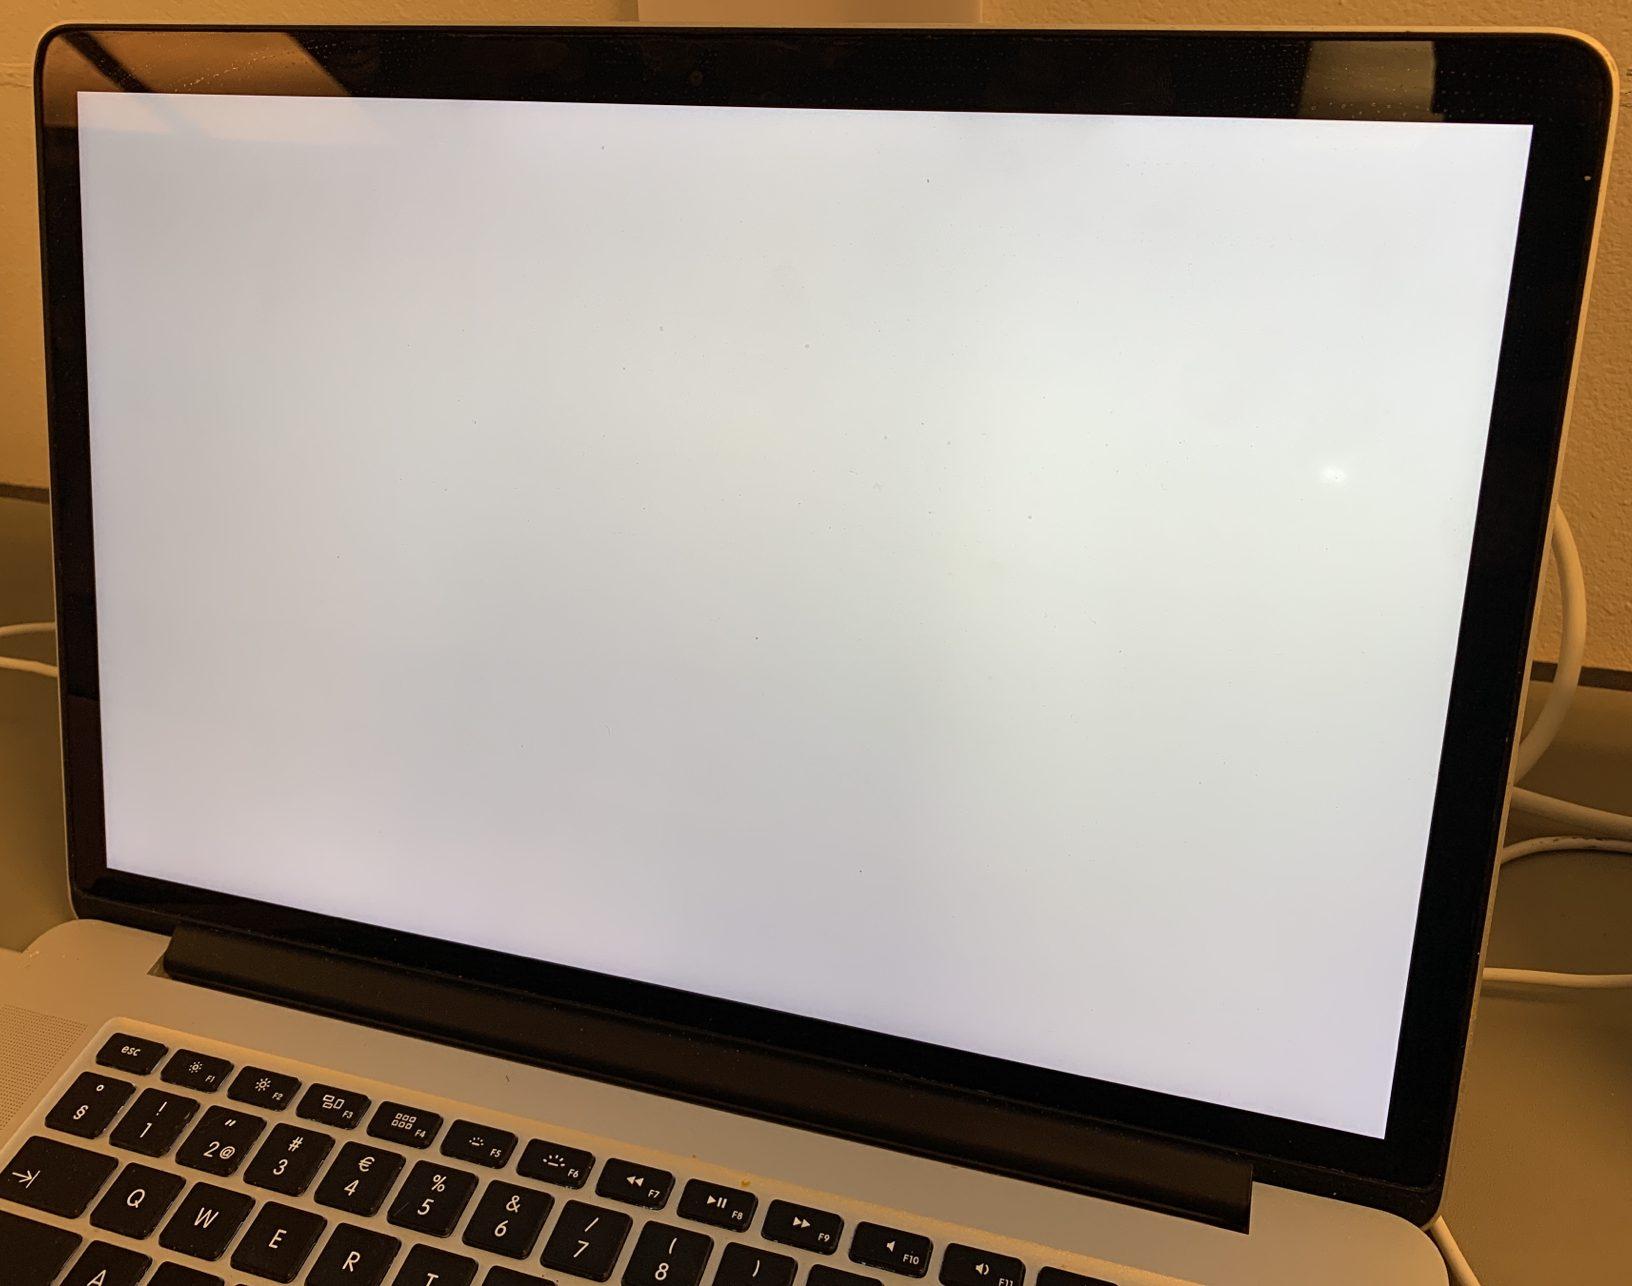 """MacBook Pro Retina 15"""" Mid 2014 (Intel Quad-Core i7 2.2 GHz 16 GB RAM 512 GB SSD), Intel Quad-Core i7 2.2 GHz, 16 GB RAM, 512 GB SSD, Kuva 3"""